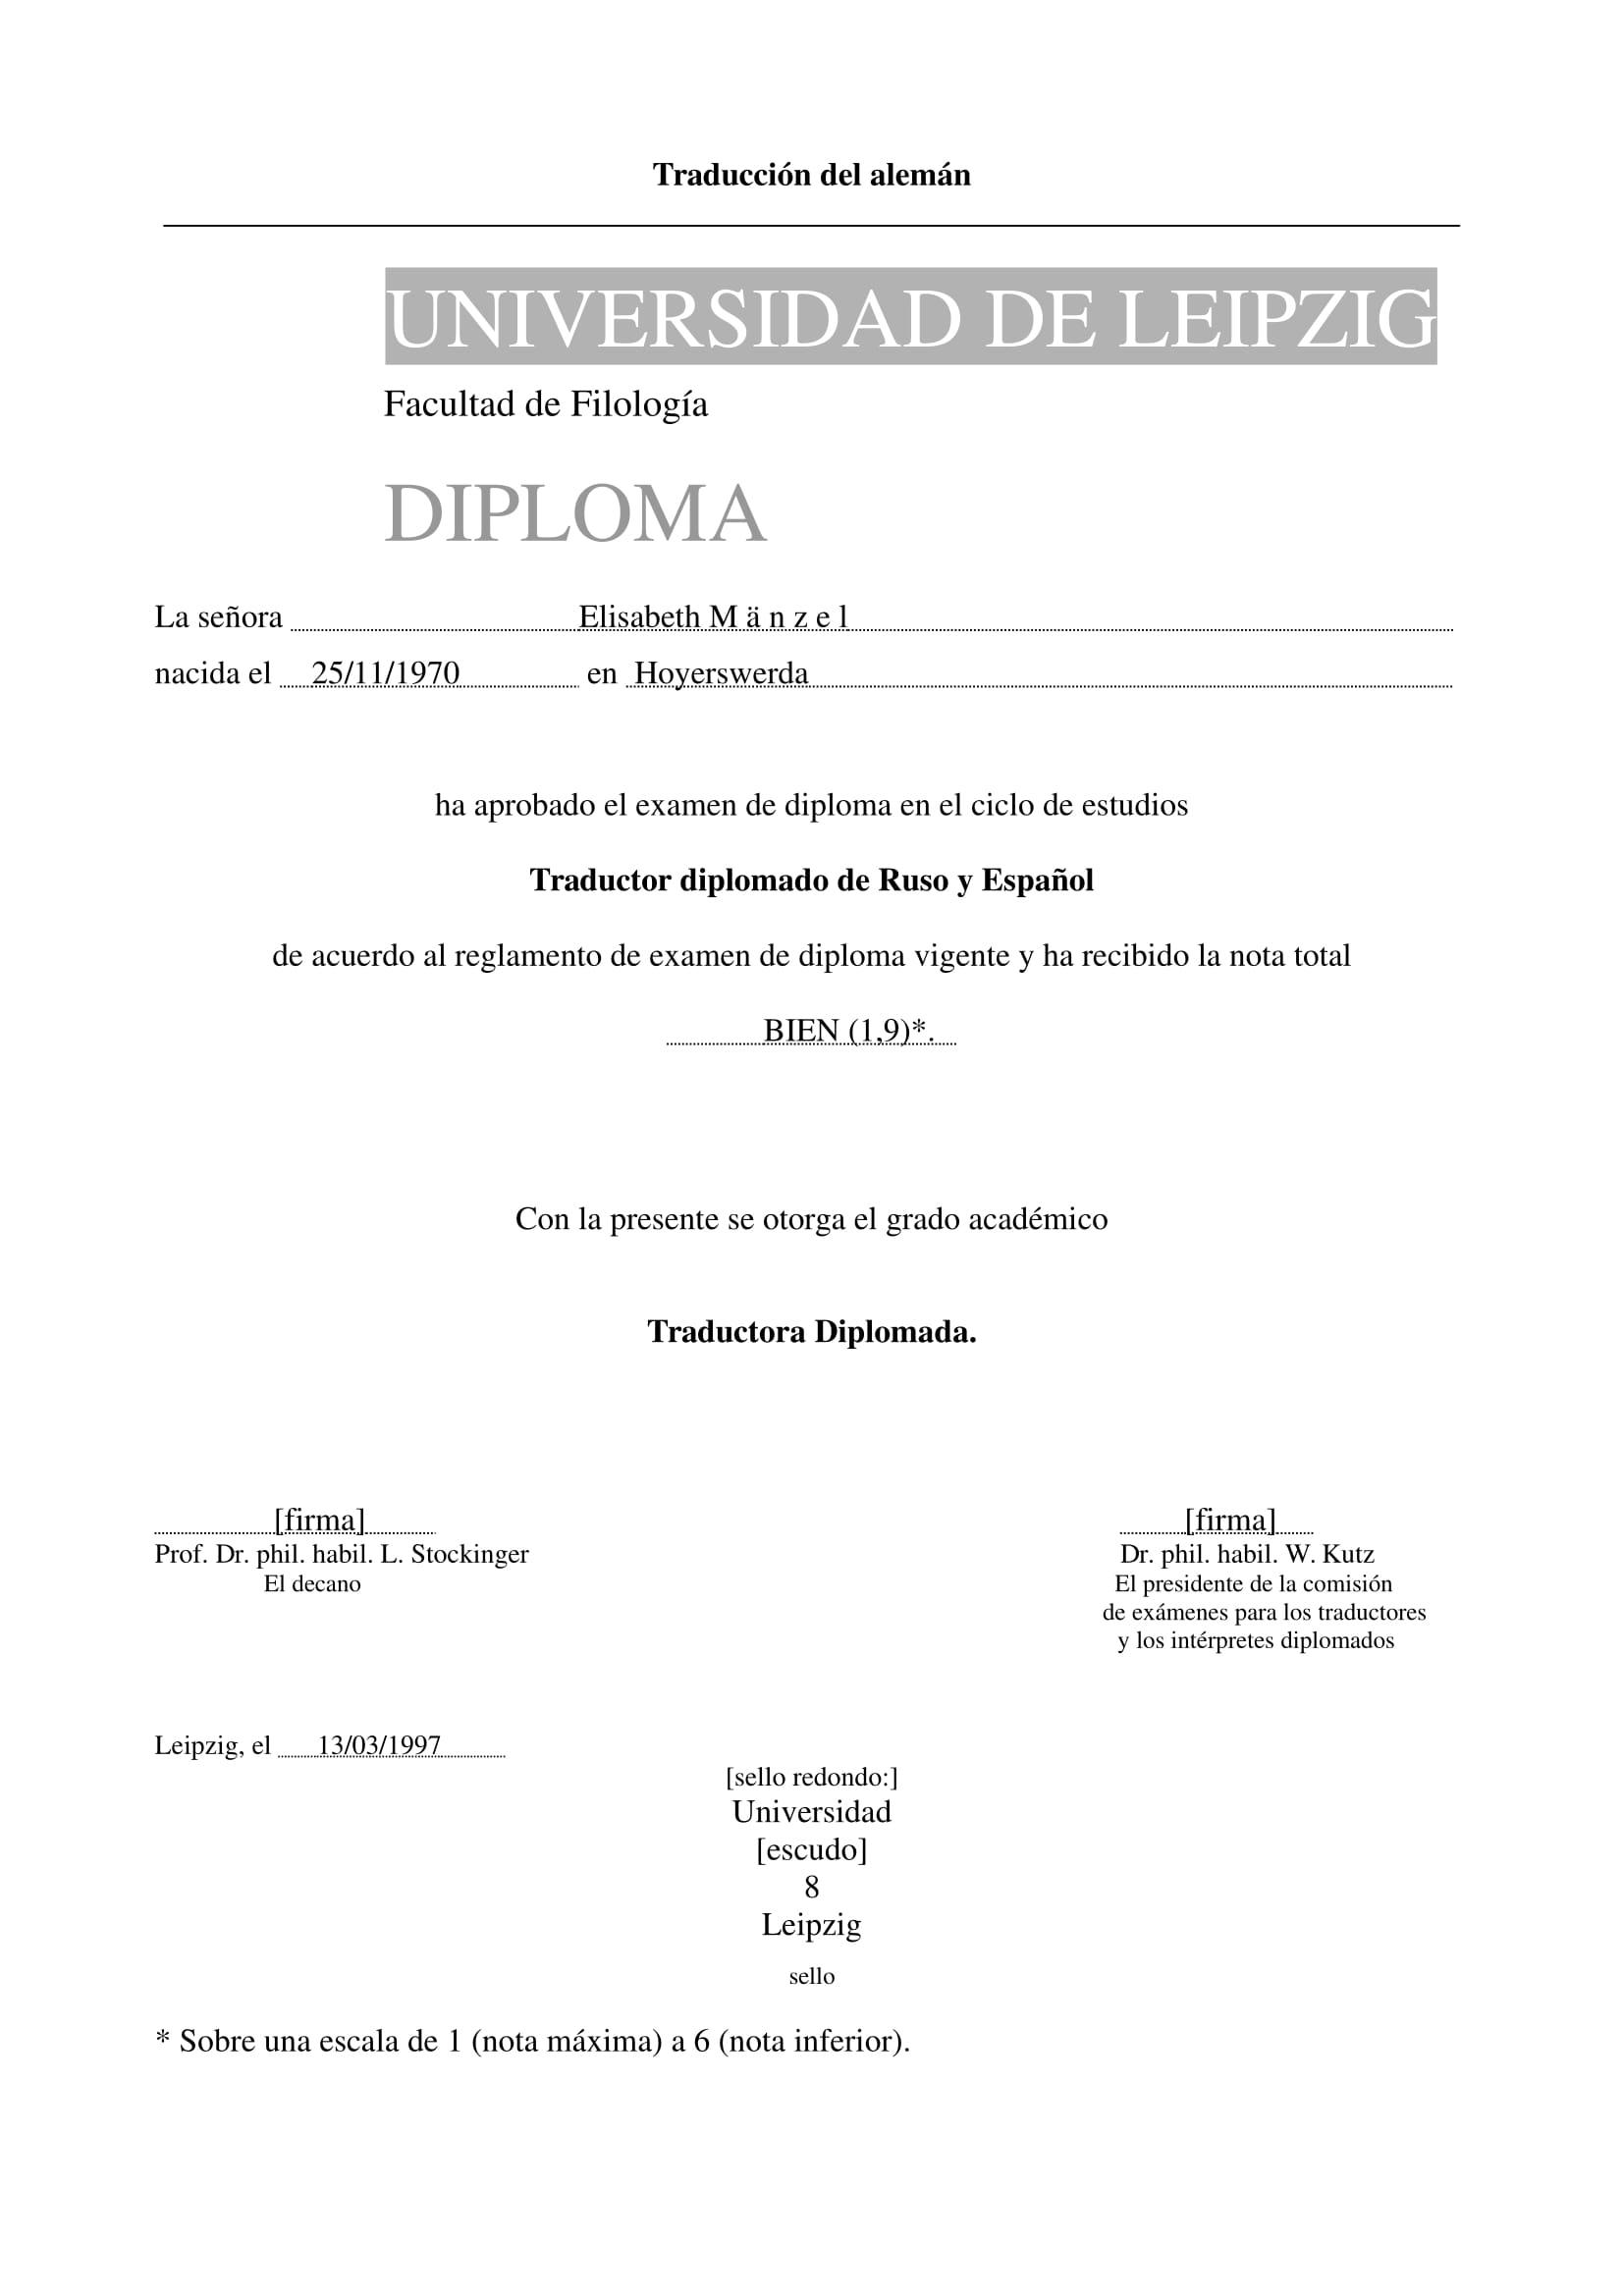 diplom-universitat-leipzig-sp-1